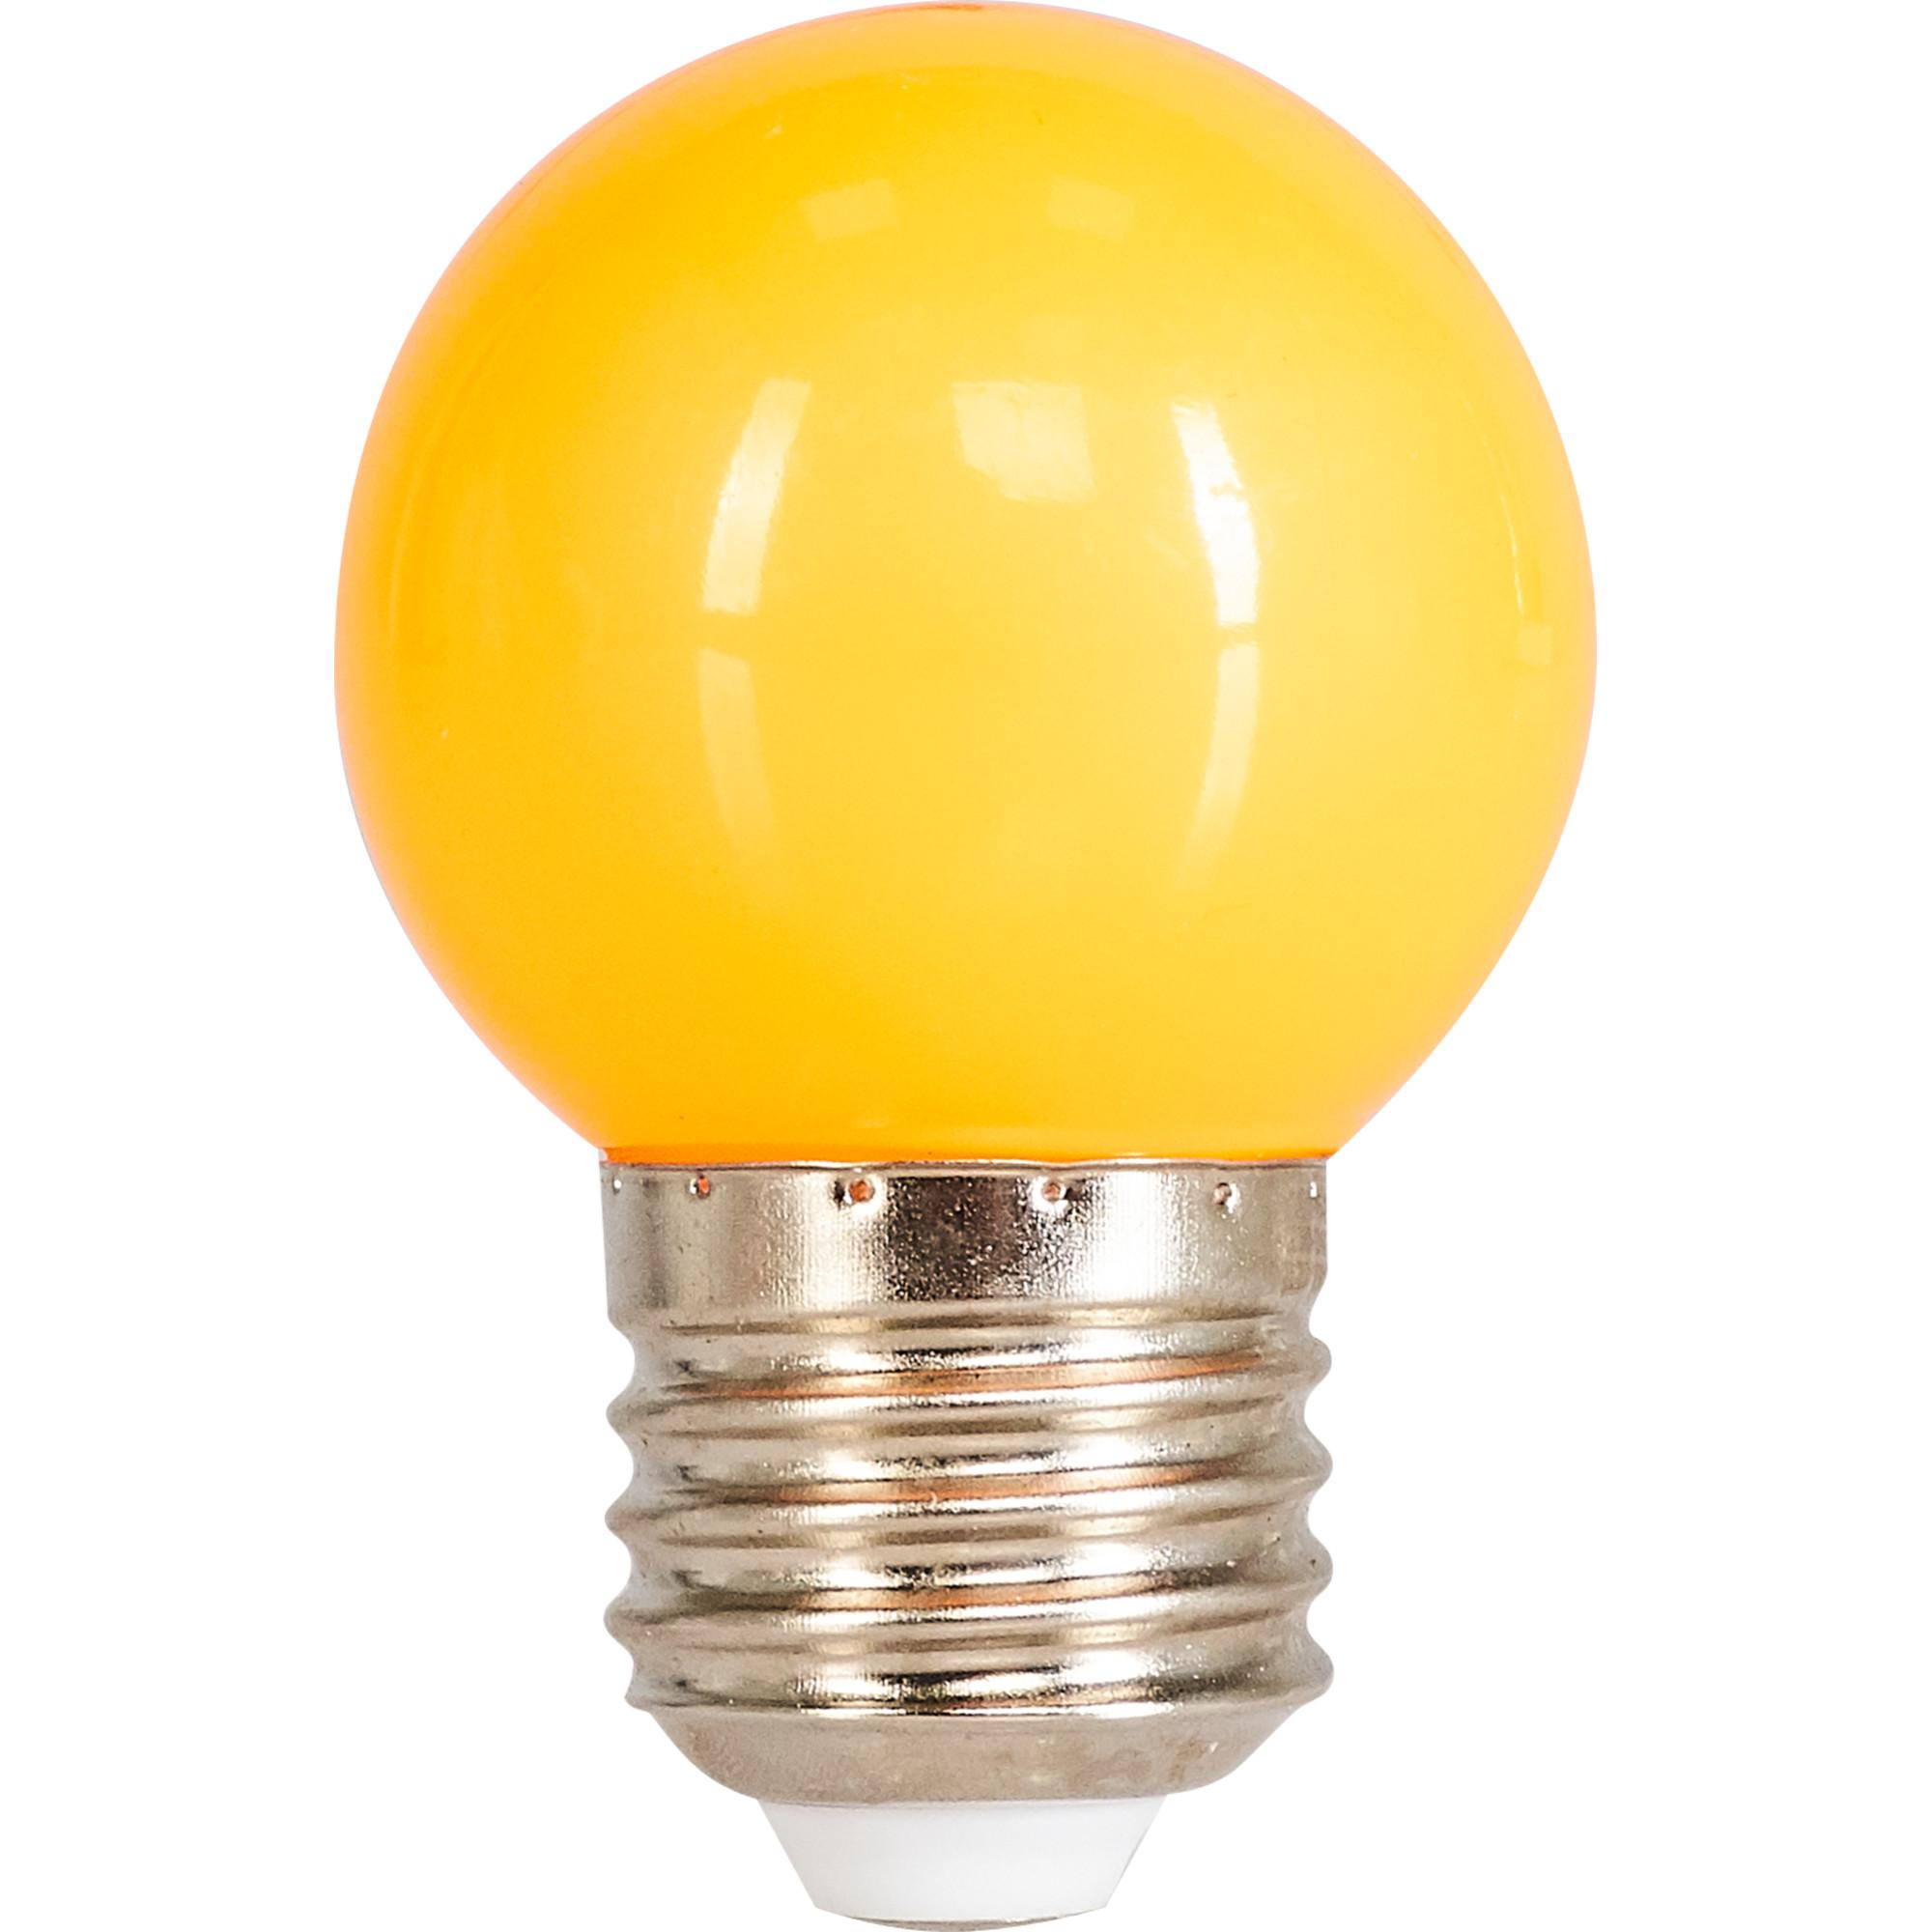 Лампа светодиодная Volpe E27 220 В 1 Вт шар матовый 80 лм оранжевый свет